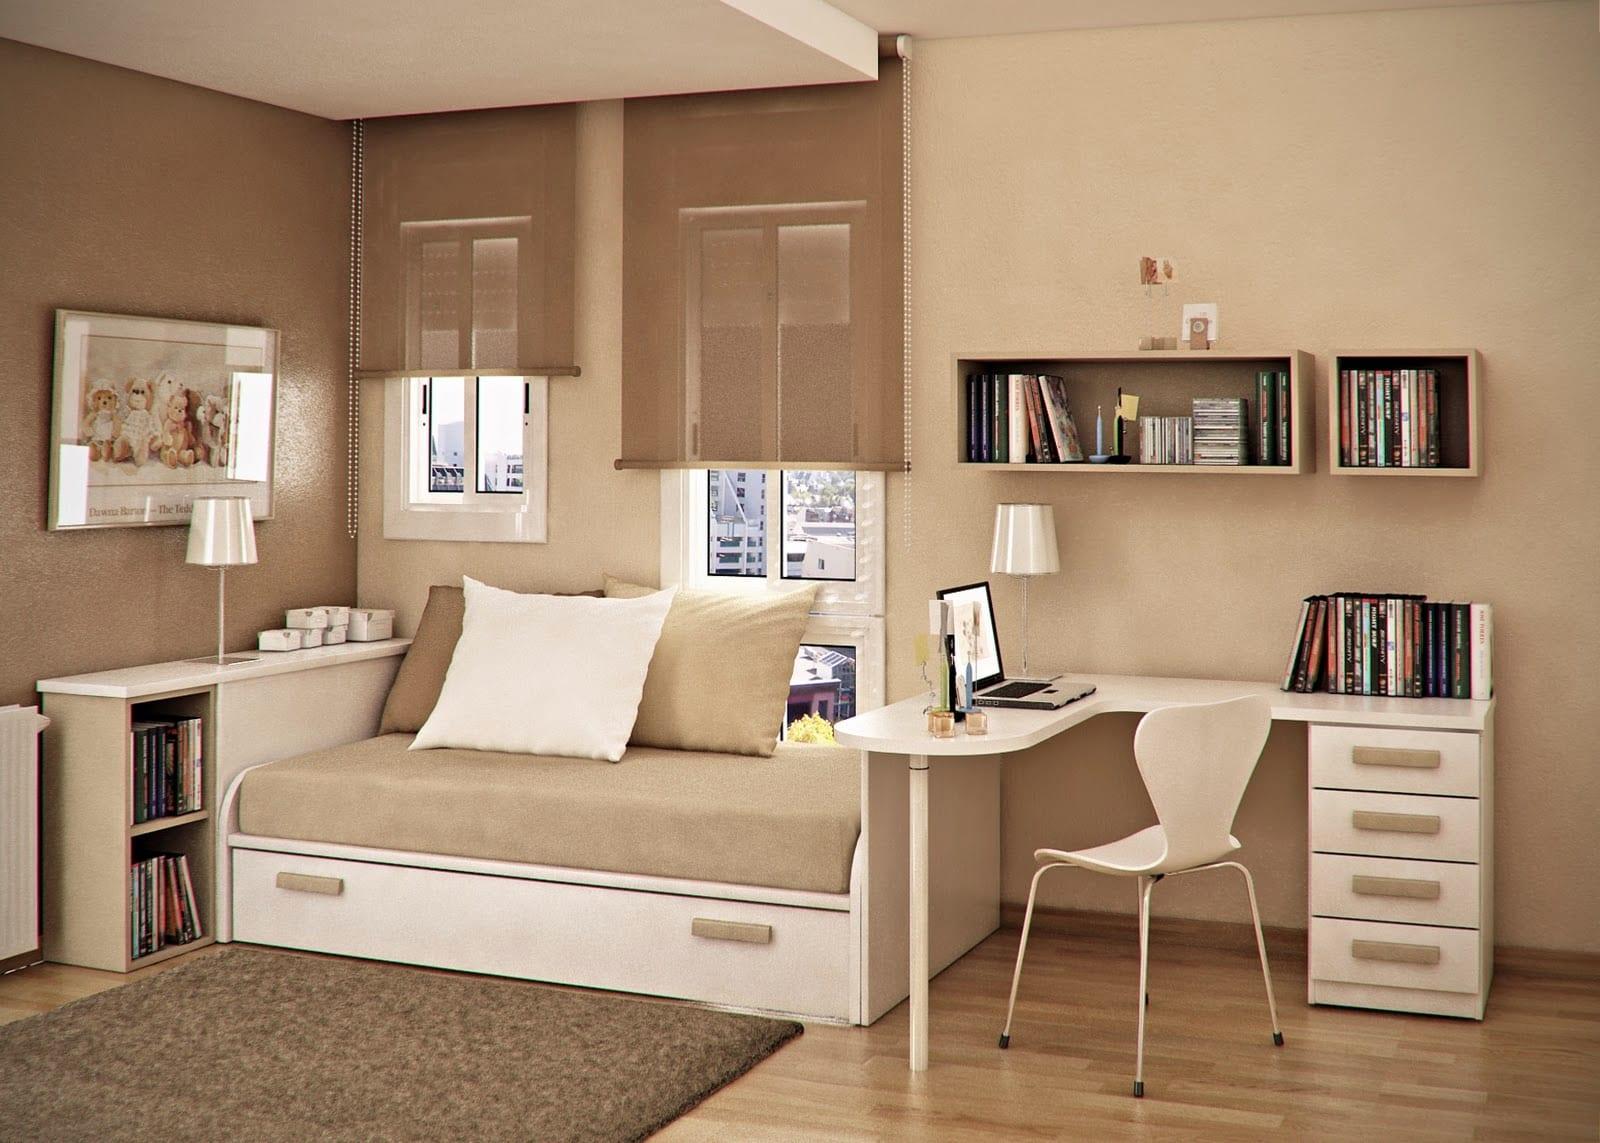 Schlafzimmer Wand Streichen: Farbe ? EsWerdeRaum. Mehr als unikale ...